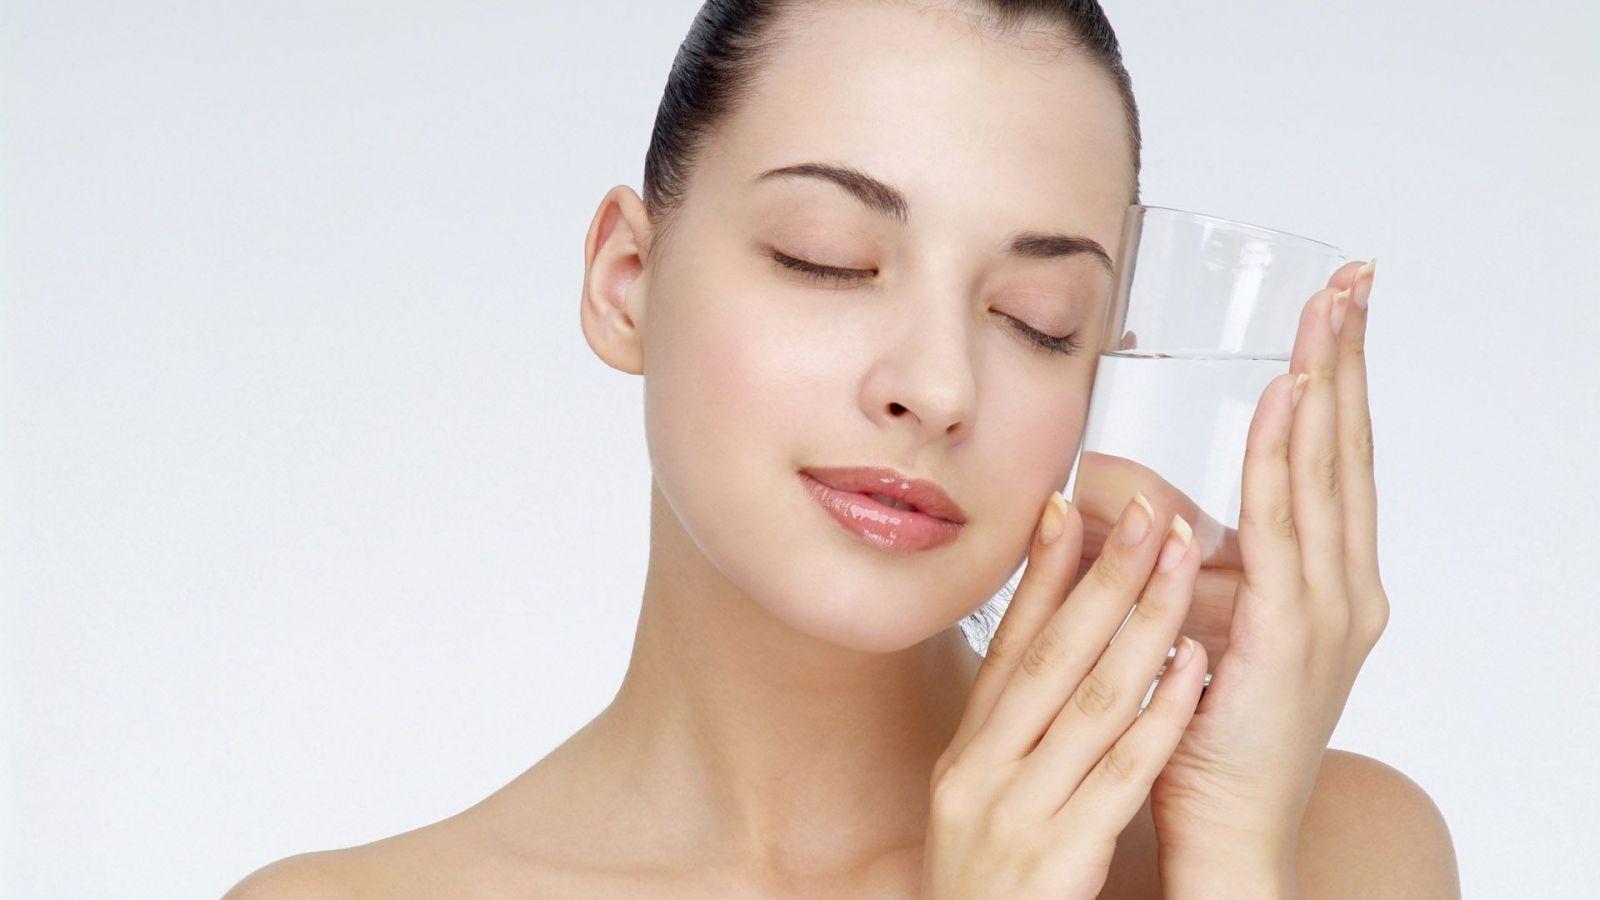 Uống nước như thế nào để tốt cho sức khỏe nhất? - 263521